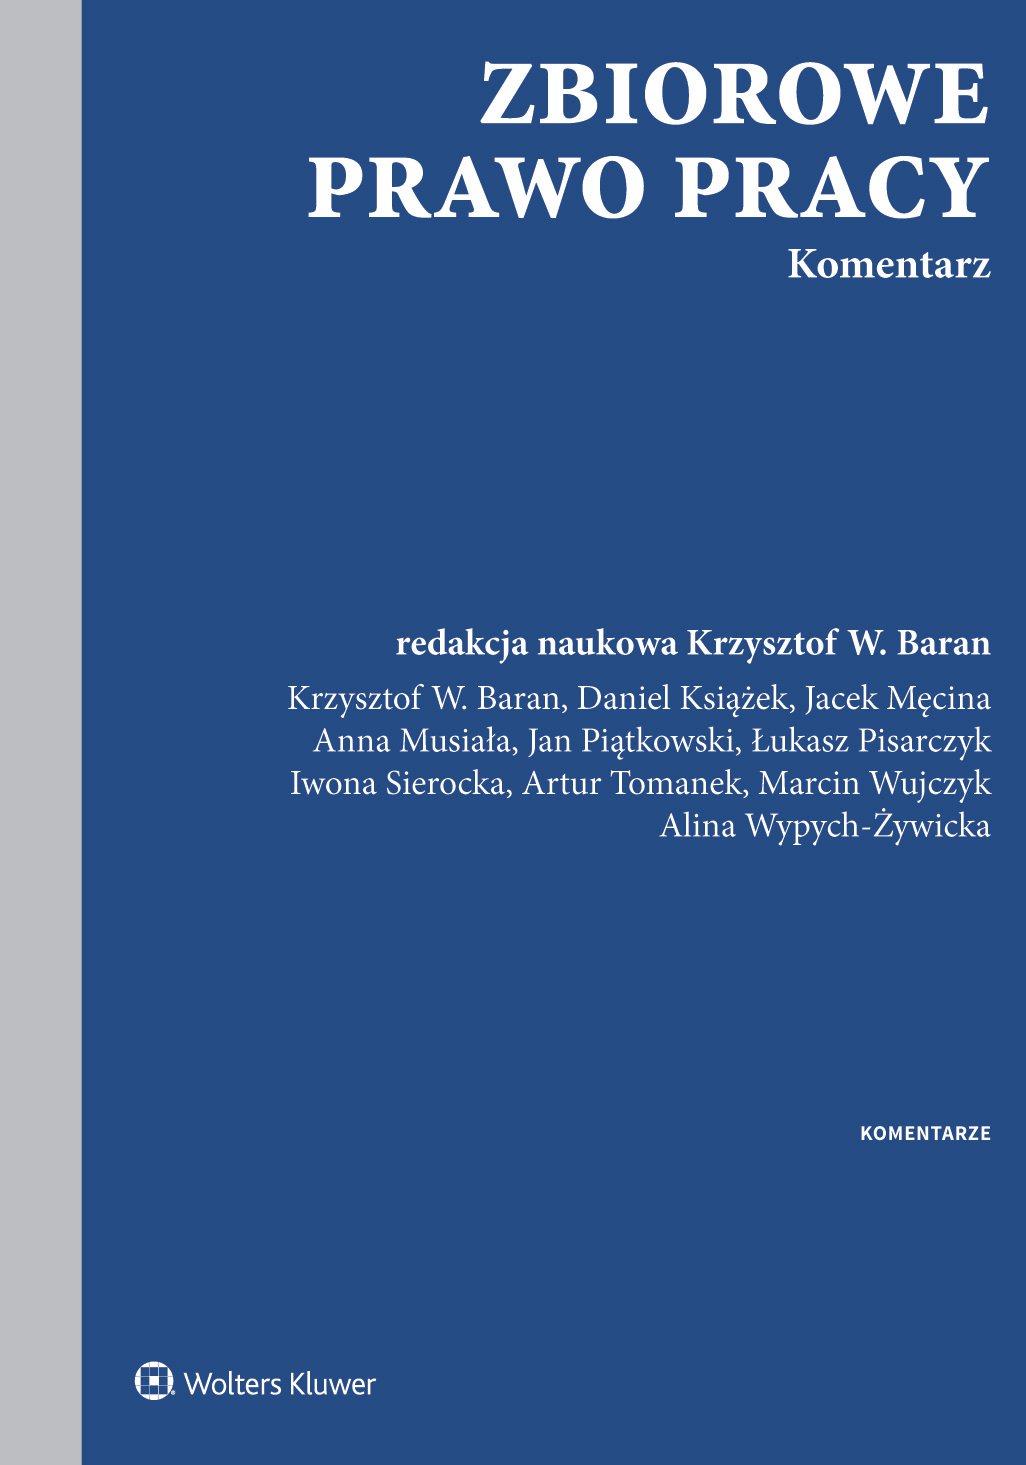 Zbiorowe prawo pracy. Komentarz - Ebook (Książka PDF) do pobrania w formacie PDF